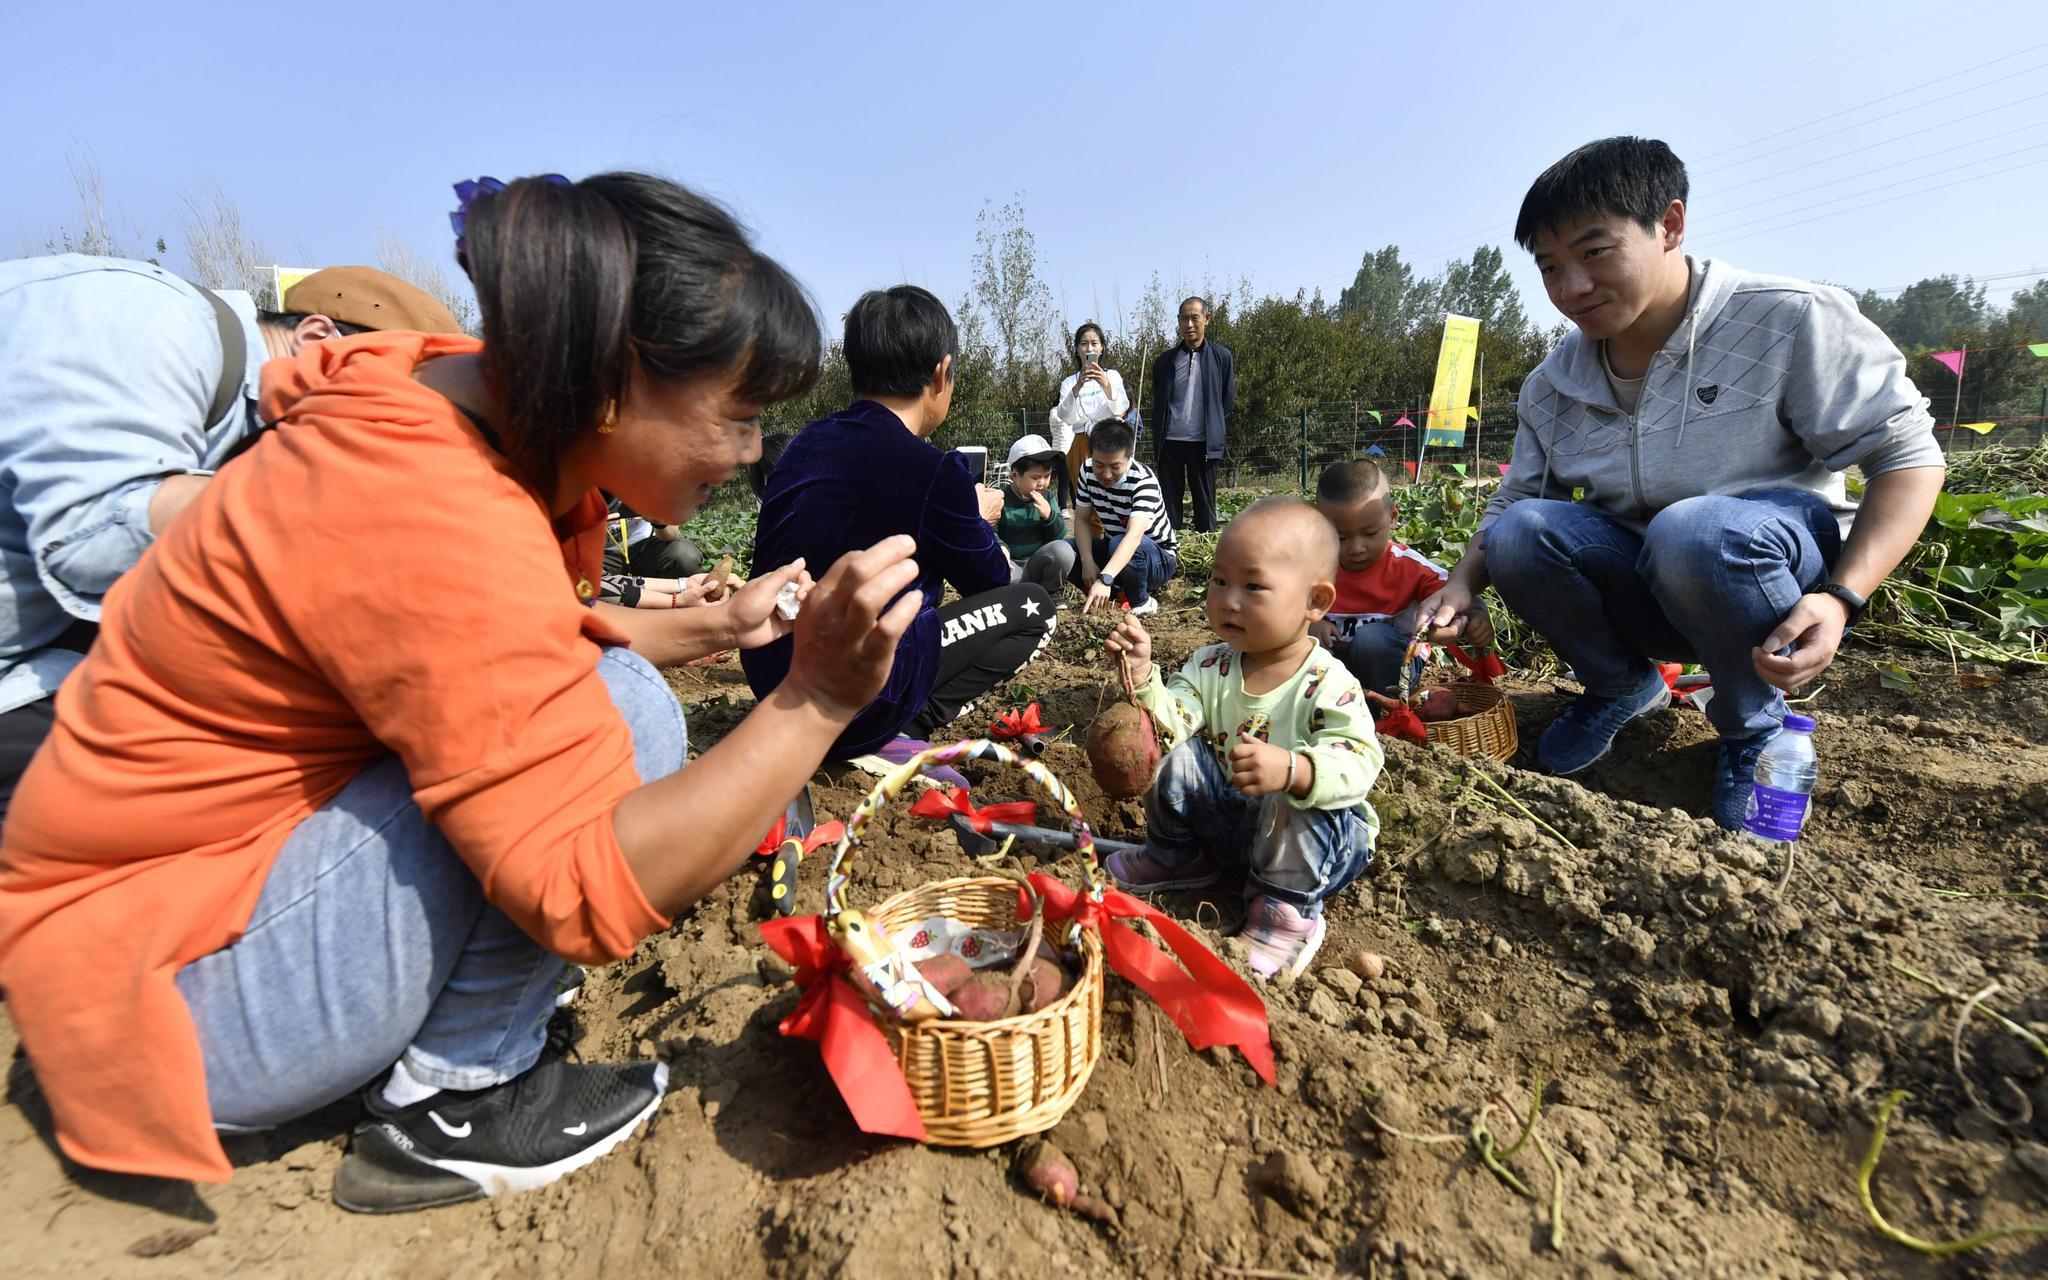 小同伙在家长的率领下在地里挖红薯。拍照/新京报记者 吴宁